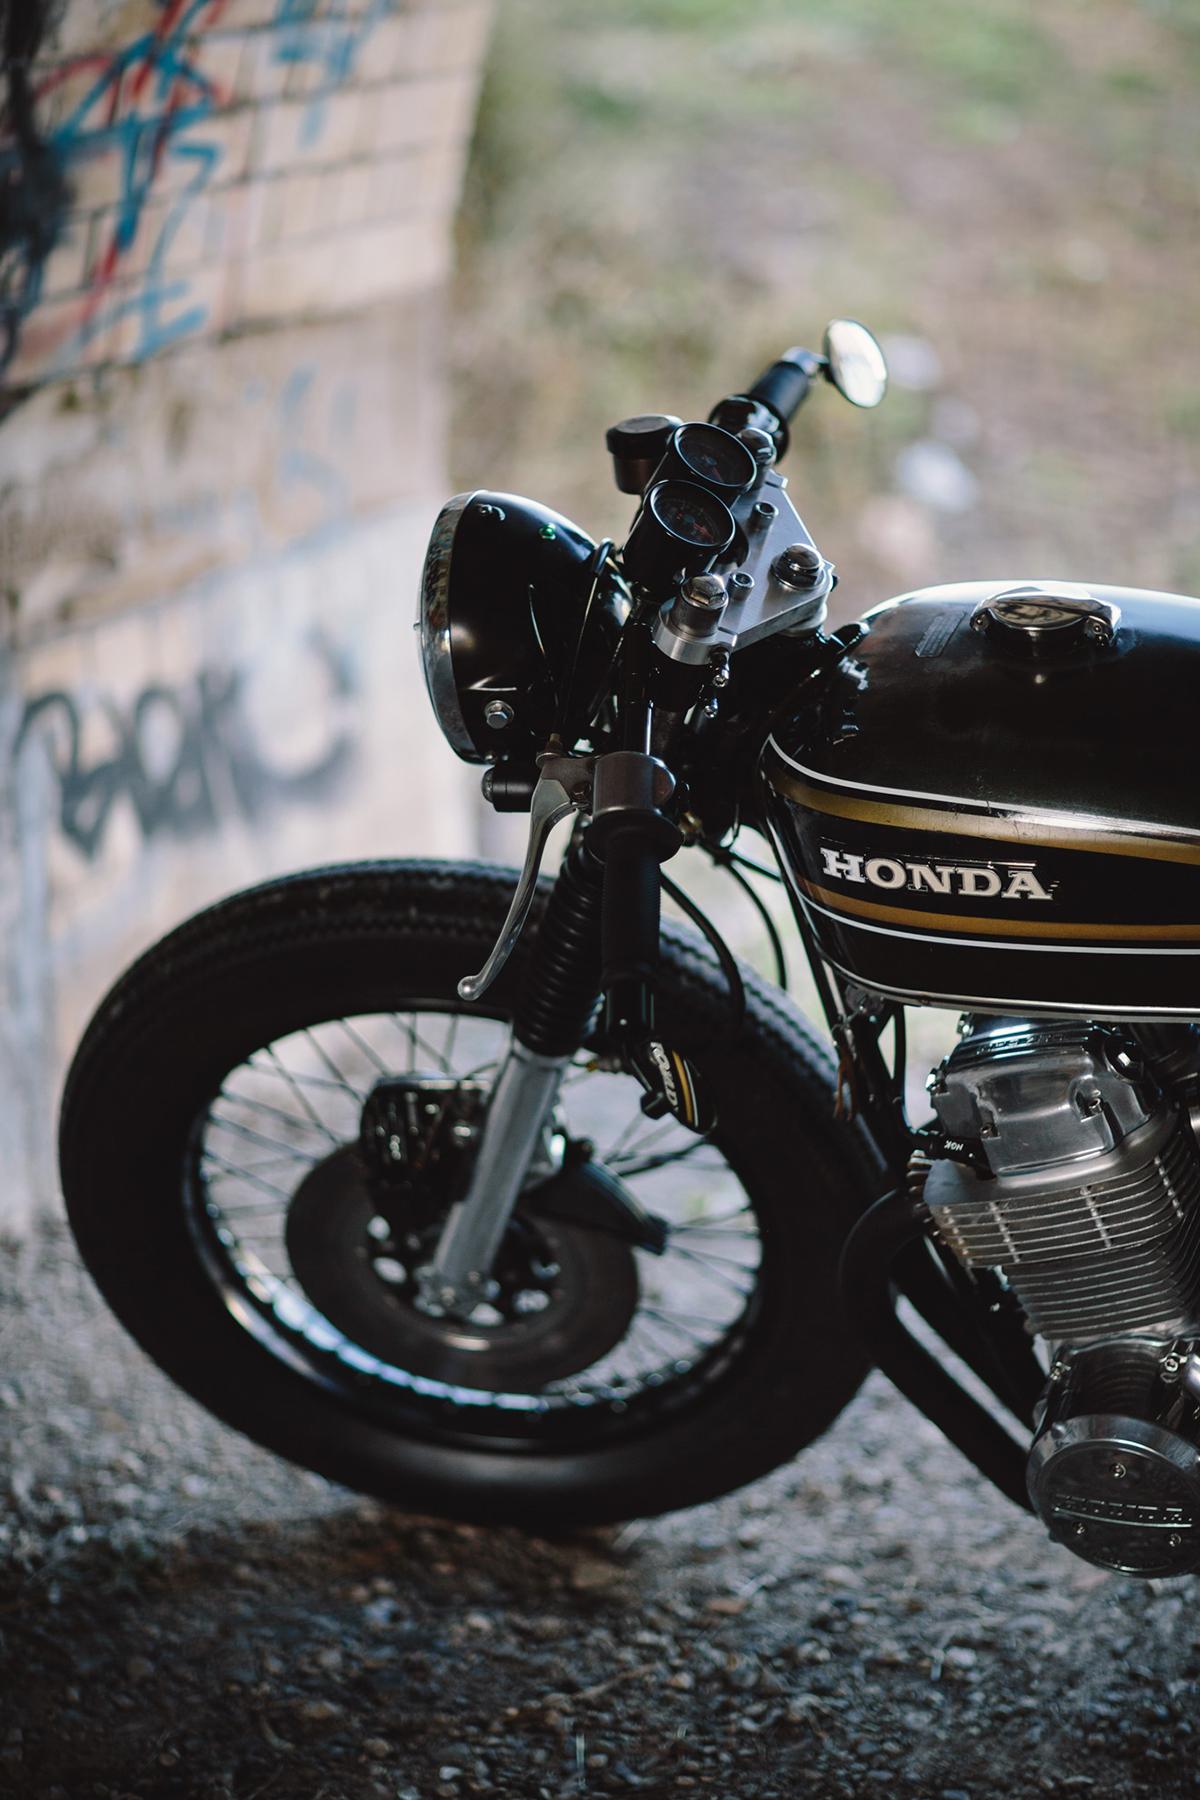 Adrian-Honda-CB750-Cafe-racer_8601